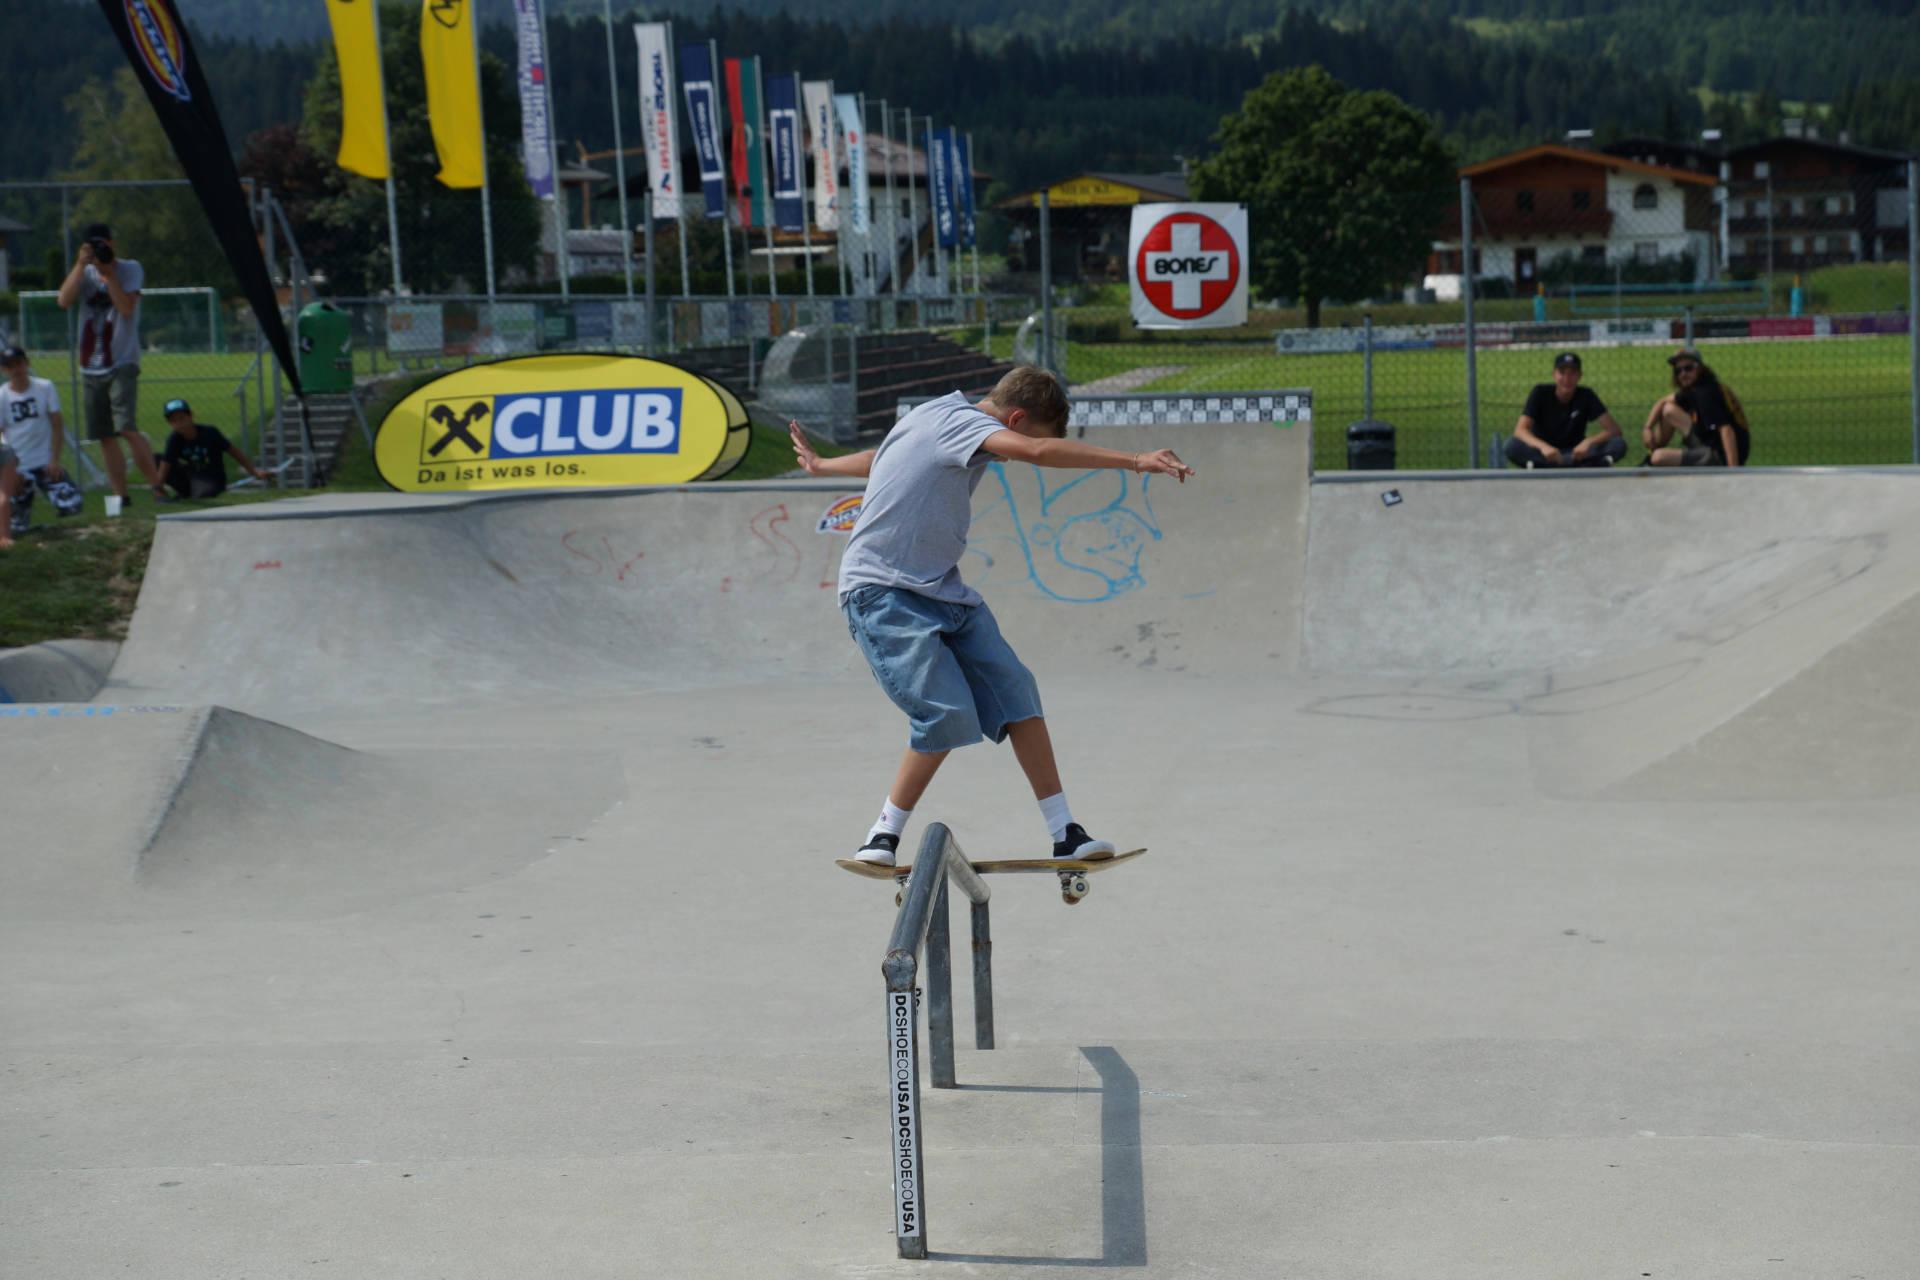 skateboardheadz st johann in tirol kgt 2019 finale 00036